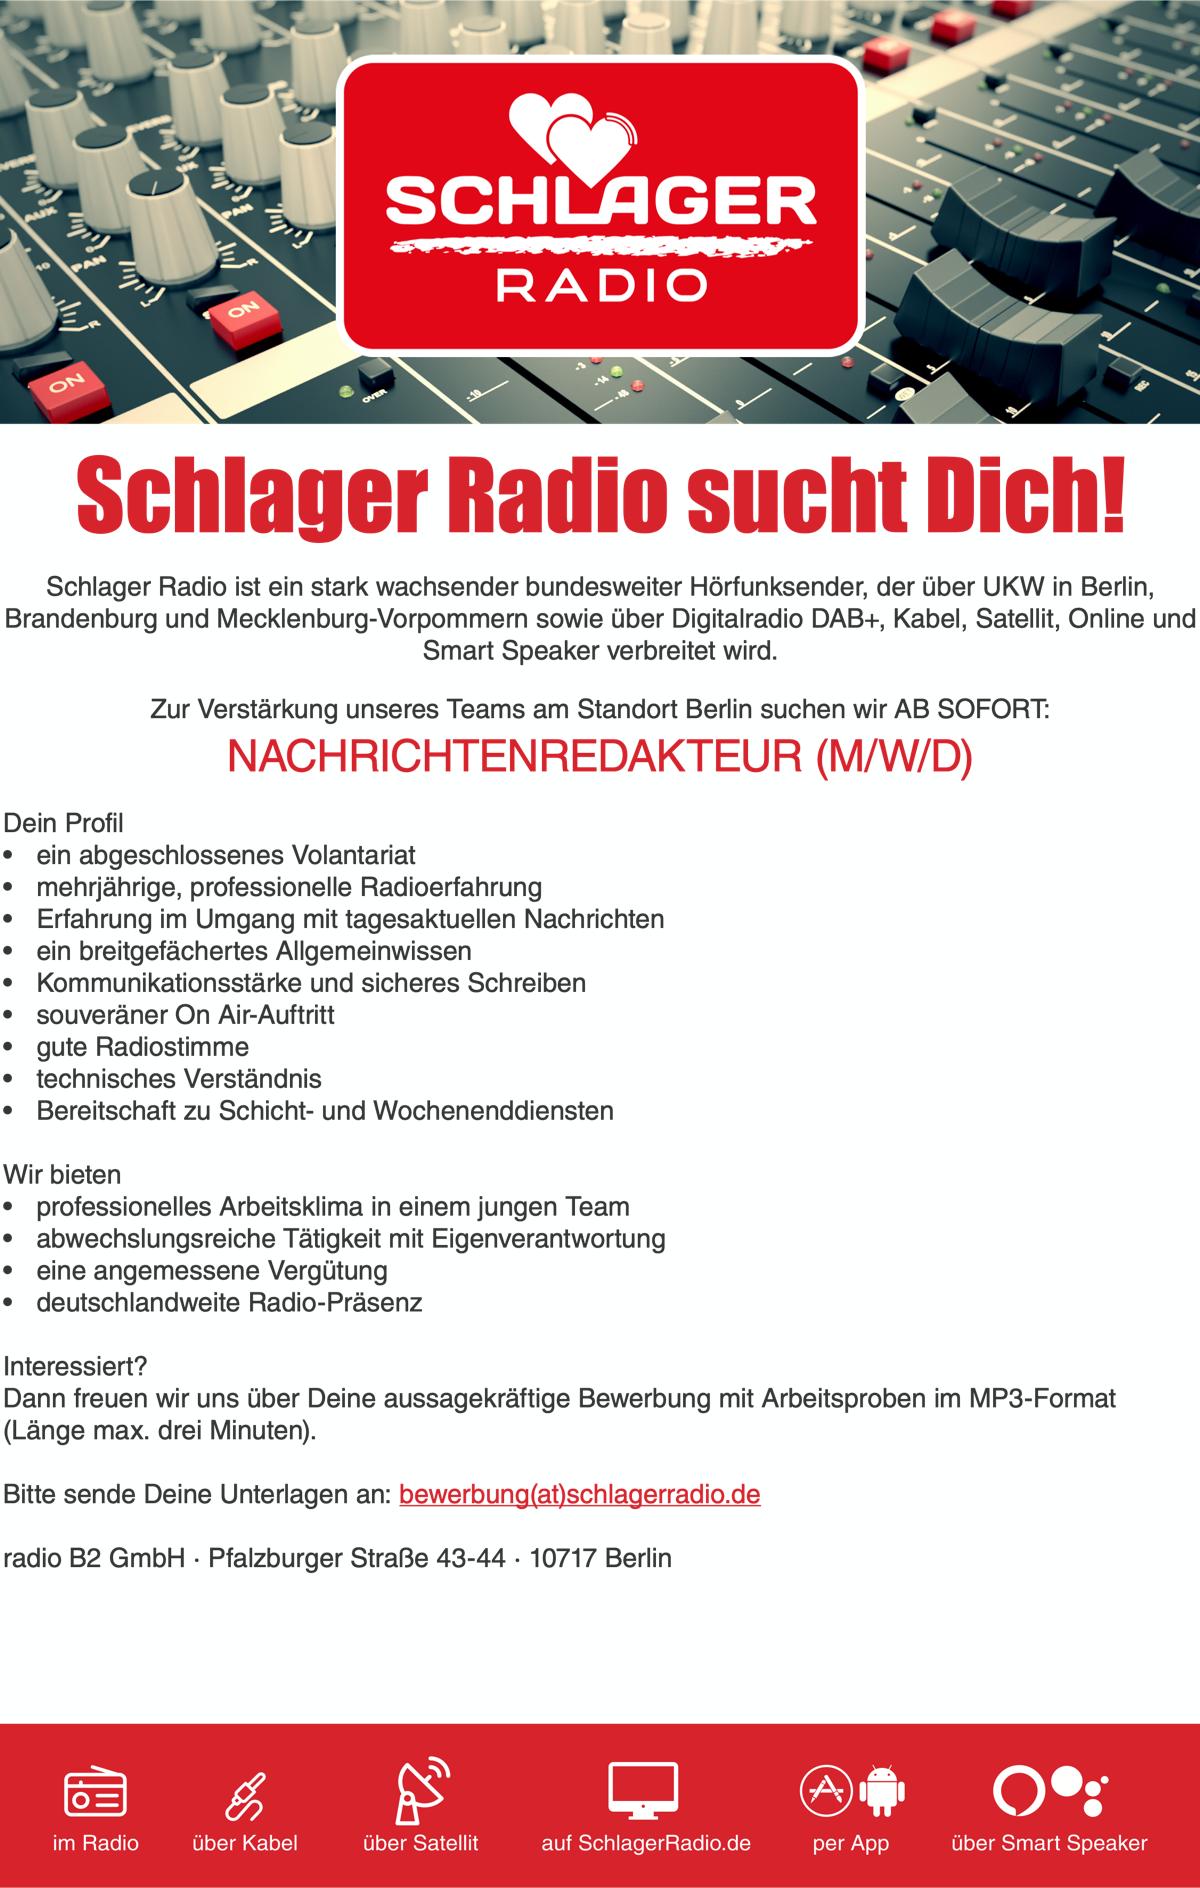 Schlager Radio sucht Dich! Schlager Radio ist ein stark wachsender bundesweiter Hörfunksender, der über UKW in Berlin, Brandenburg und Mecklenburg-Vorpommern sowie über Digitalradio DAB+, Kabel, Satellit, Online und Smart Speaker verbreitet wird. Zur Verstärkung unseres Teams am Standort Berlin suchen wir AB SOFORT: NACHRICHTENREDAKTEUR (M/W/D) Dein Profil • ein abgeschlossenes Volantariat • mehrjährige, professionelle Radioerfahrung • Erfahrung im Umgang mit tagesaktuellen Nachrichten • ein breitgefächertes Allgemeinwissen • Kommunikationsstärke und sicheres Schreiben • souveräner On Air-Auftritt • gute Radiostimme • technisches Verständnis • Bereitschaft zu Schicht- und Wochenenddiensten Wir bieten • professionelles Arbeitsklima in einem jungen Team • abwechslungsreiche Tätigkeit mit Eigenverantwortung • eine angemessene Vergütung • deutschlandweite Radio-Präsenz Interessiert? Dann freuen wir uns über Deine aussagekräftige Bewerbung mit Arbeitsproben im MP3-Format (Länge max. drei Minuten). Bitte sende Deine Unterlagen an: bewerbung(at)schlagerradio.de radio B2 GmbH · Pfalzburger Straße 43-44 · 10717 Berlin